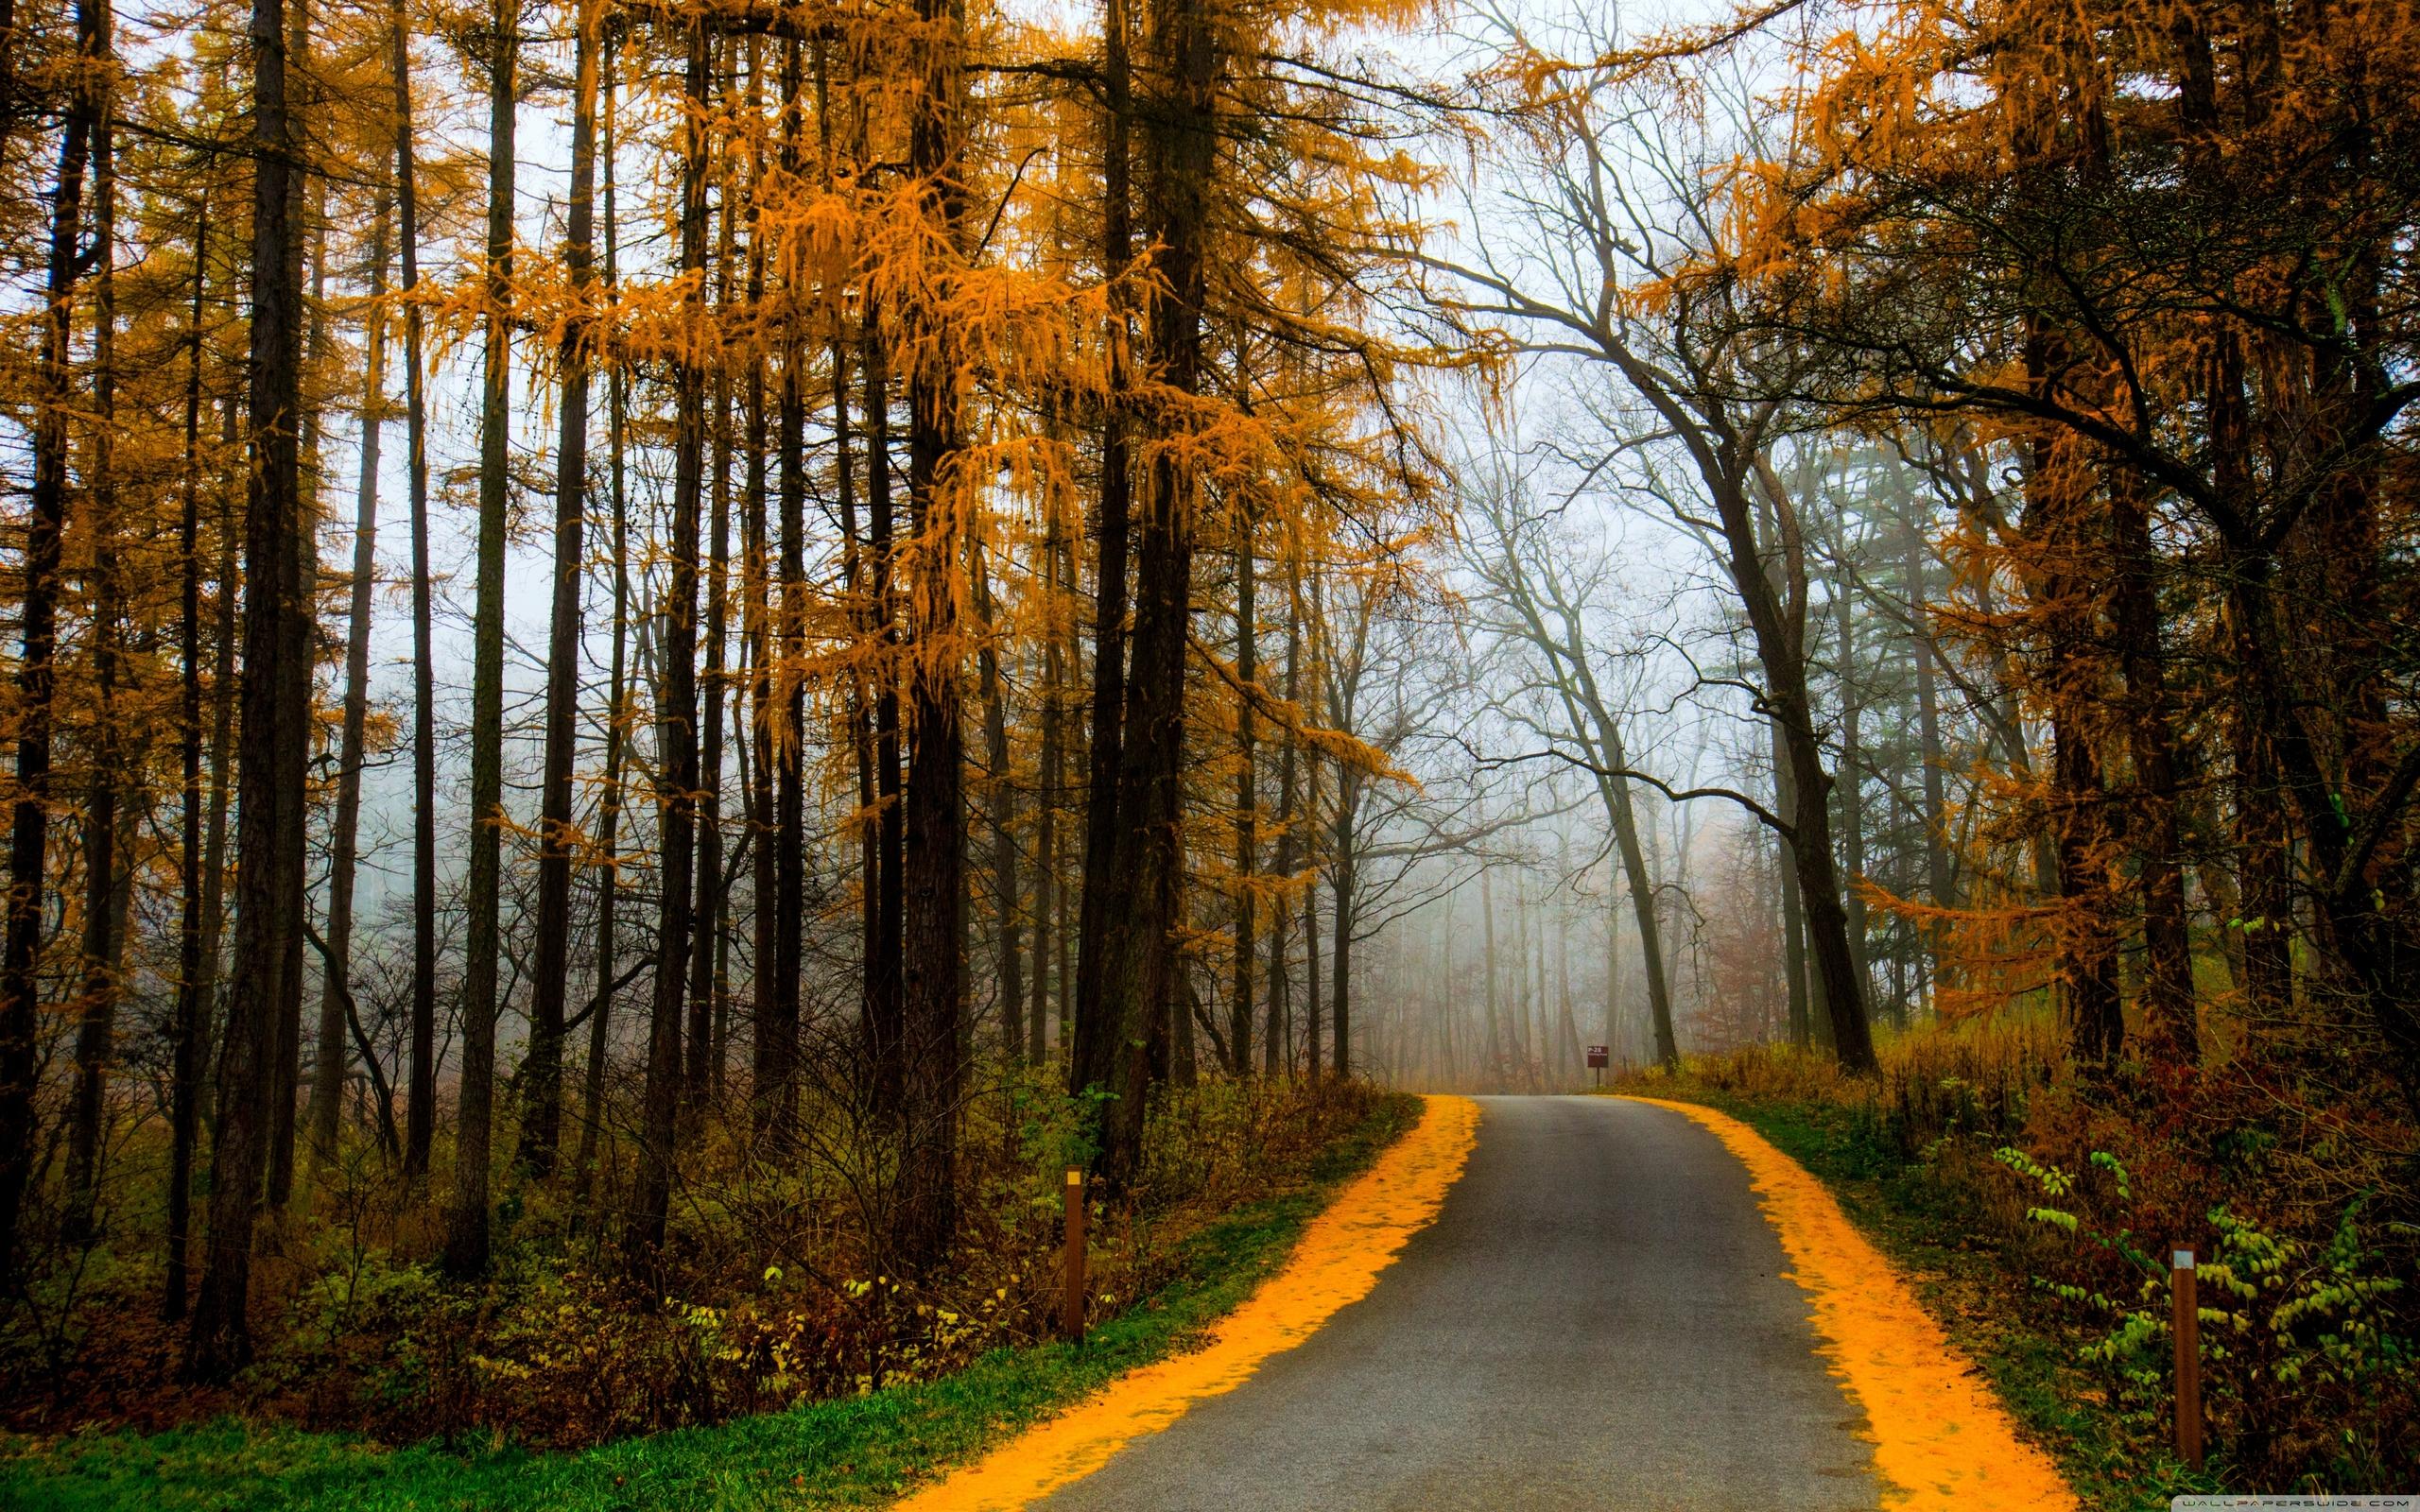 意境森林背景素材图片